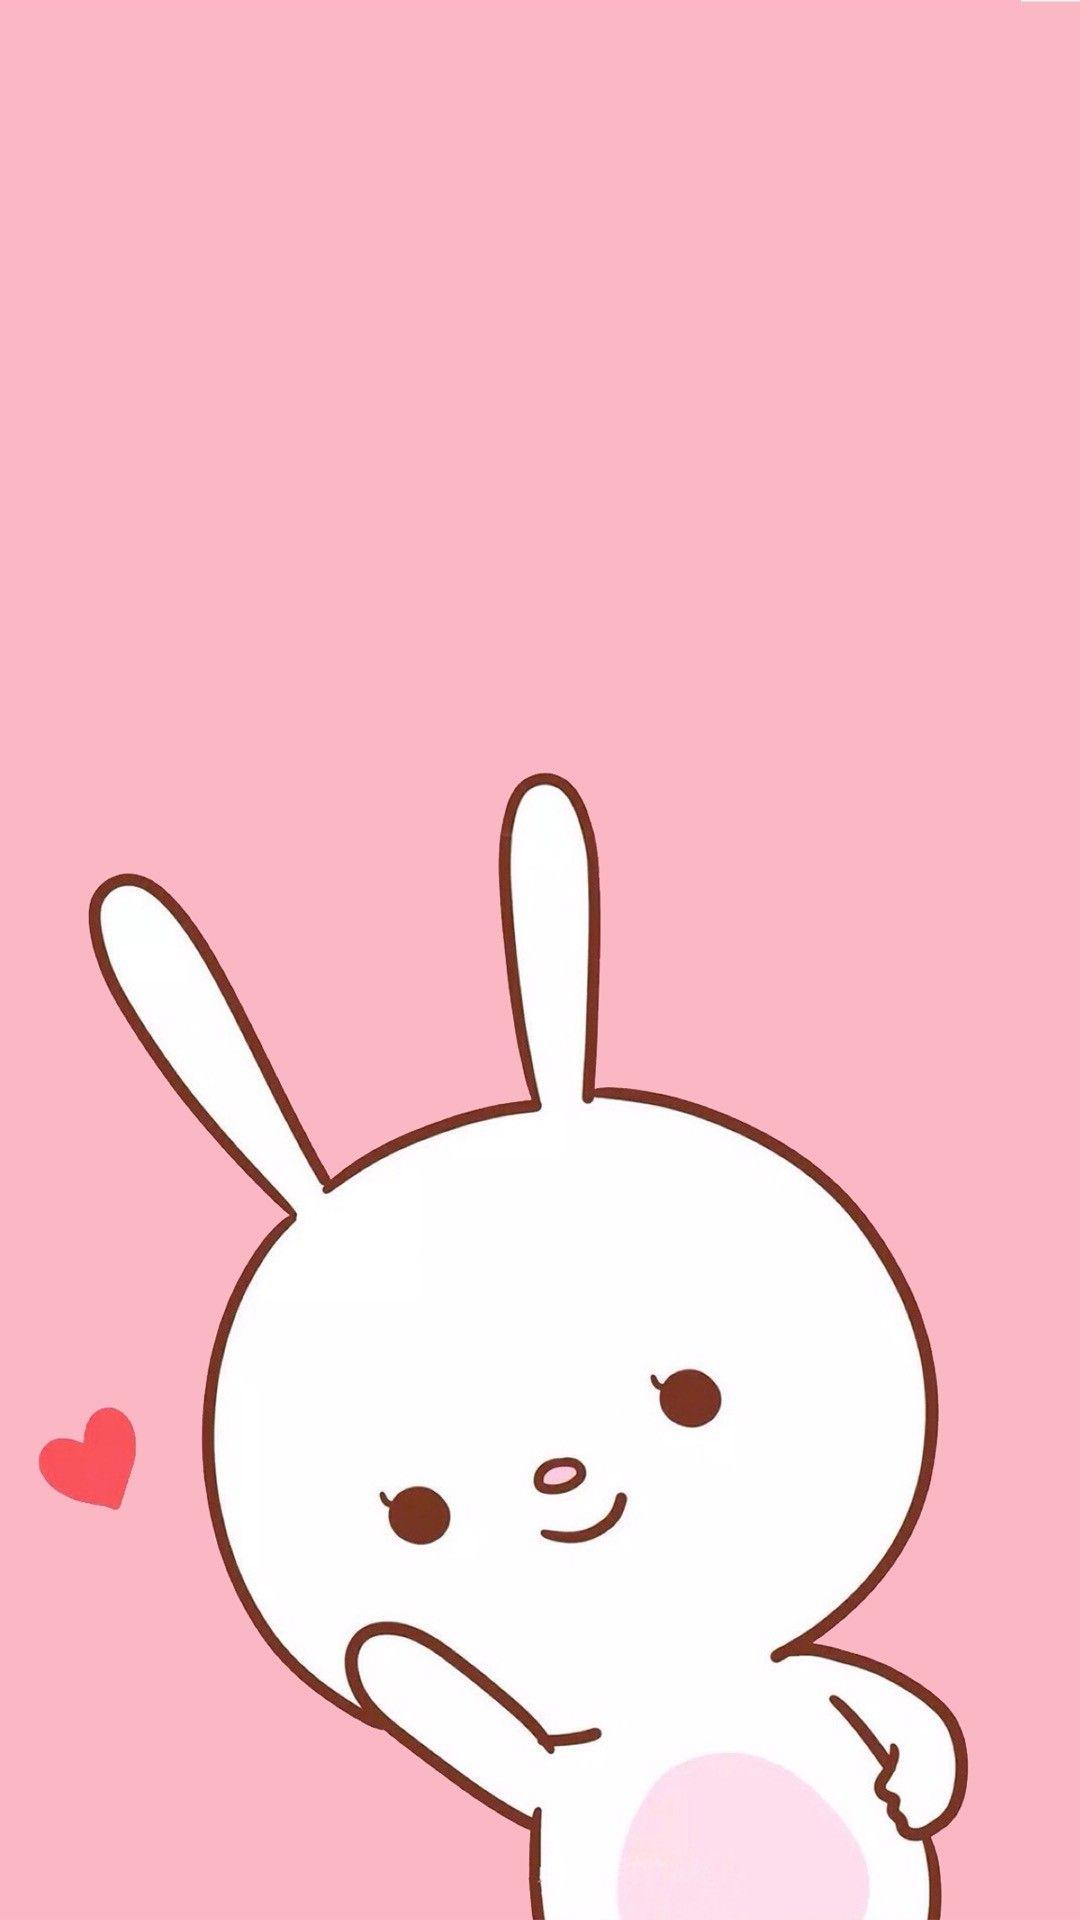 Res 1080x1920 Cute Kawaii And Pink Image Wallpaper Iphone Cute Cute Wallpapers Cute Emoji Wallpaper